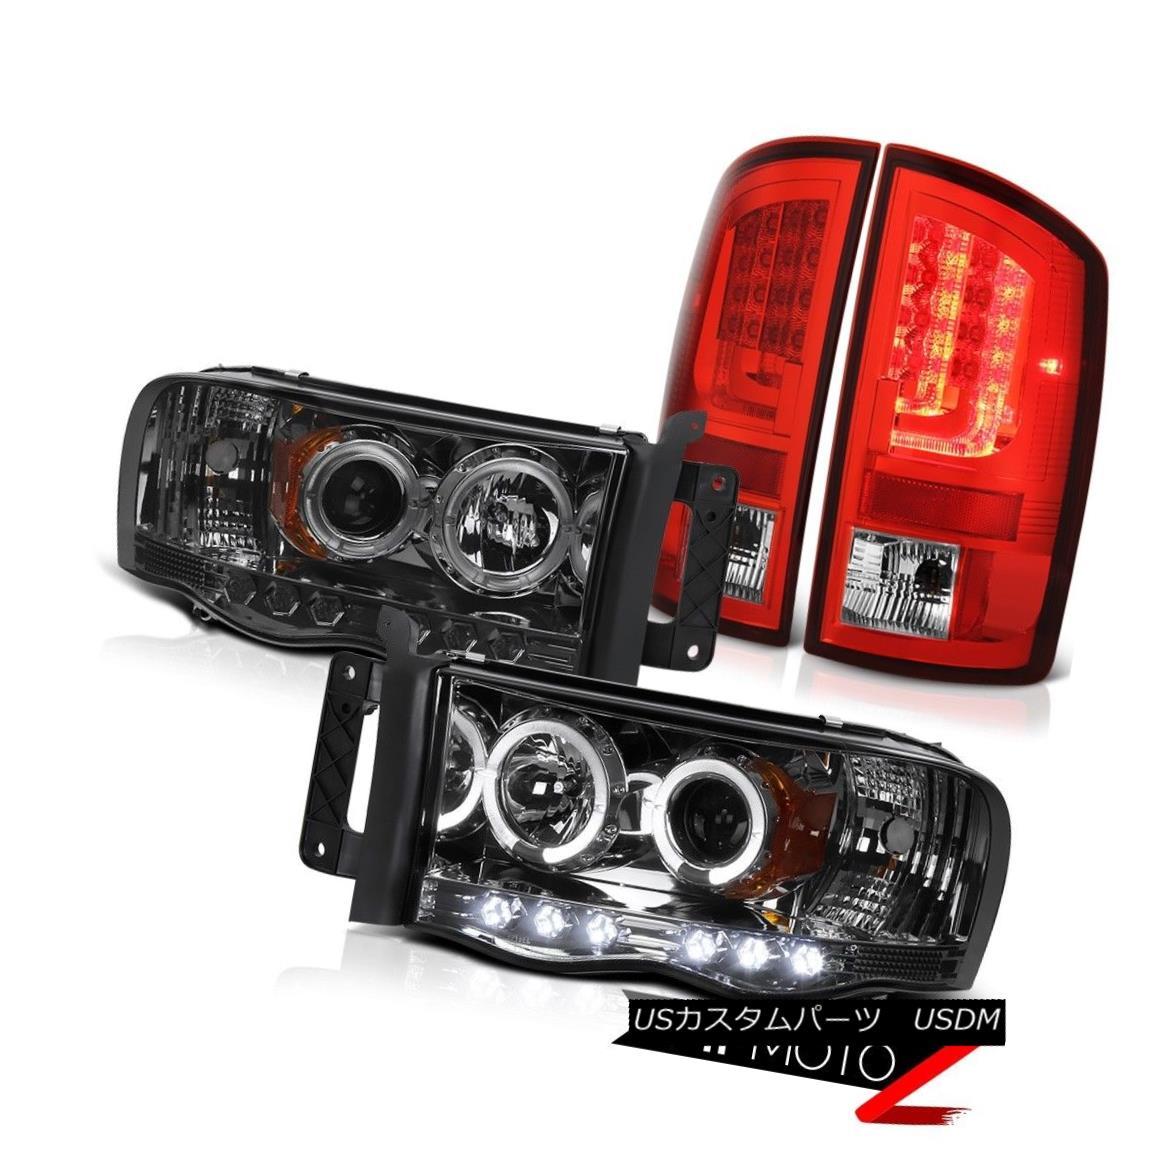 ヘッドライト 02-05 Dodge Ram 2500 1500 3.7L Wine Red Tail Brake Lights Smoked Headlights LED 02-05 Dodge Ram 2500 1500 3.7LワインレッドテールブレーキライトスモークヘッドライトLED